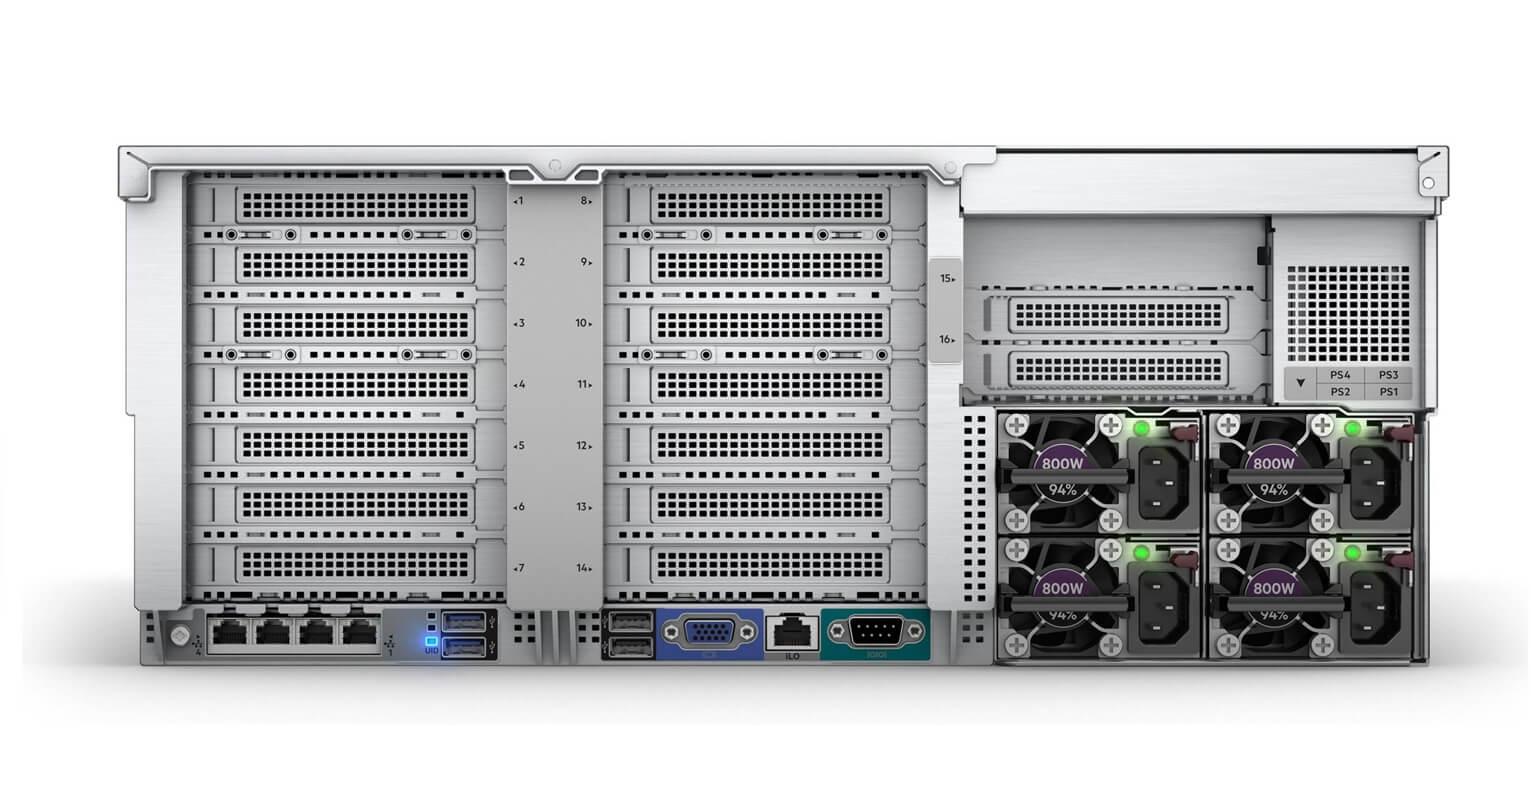 869854-B21 Servidor HPE DL580 Gen10 ProLiant 4P Gold 6152 64GB P408i-a 4x1600W PS envio imediato